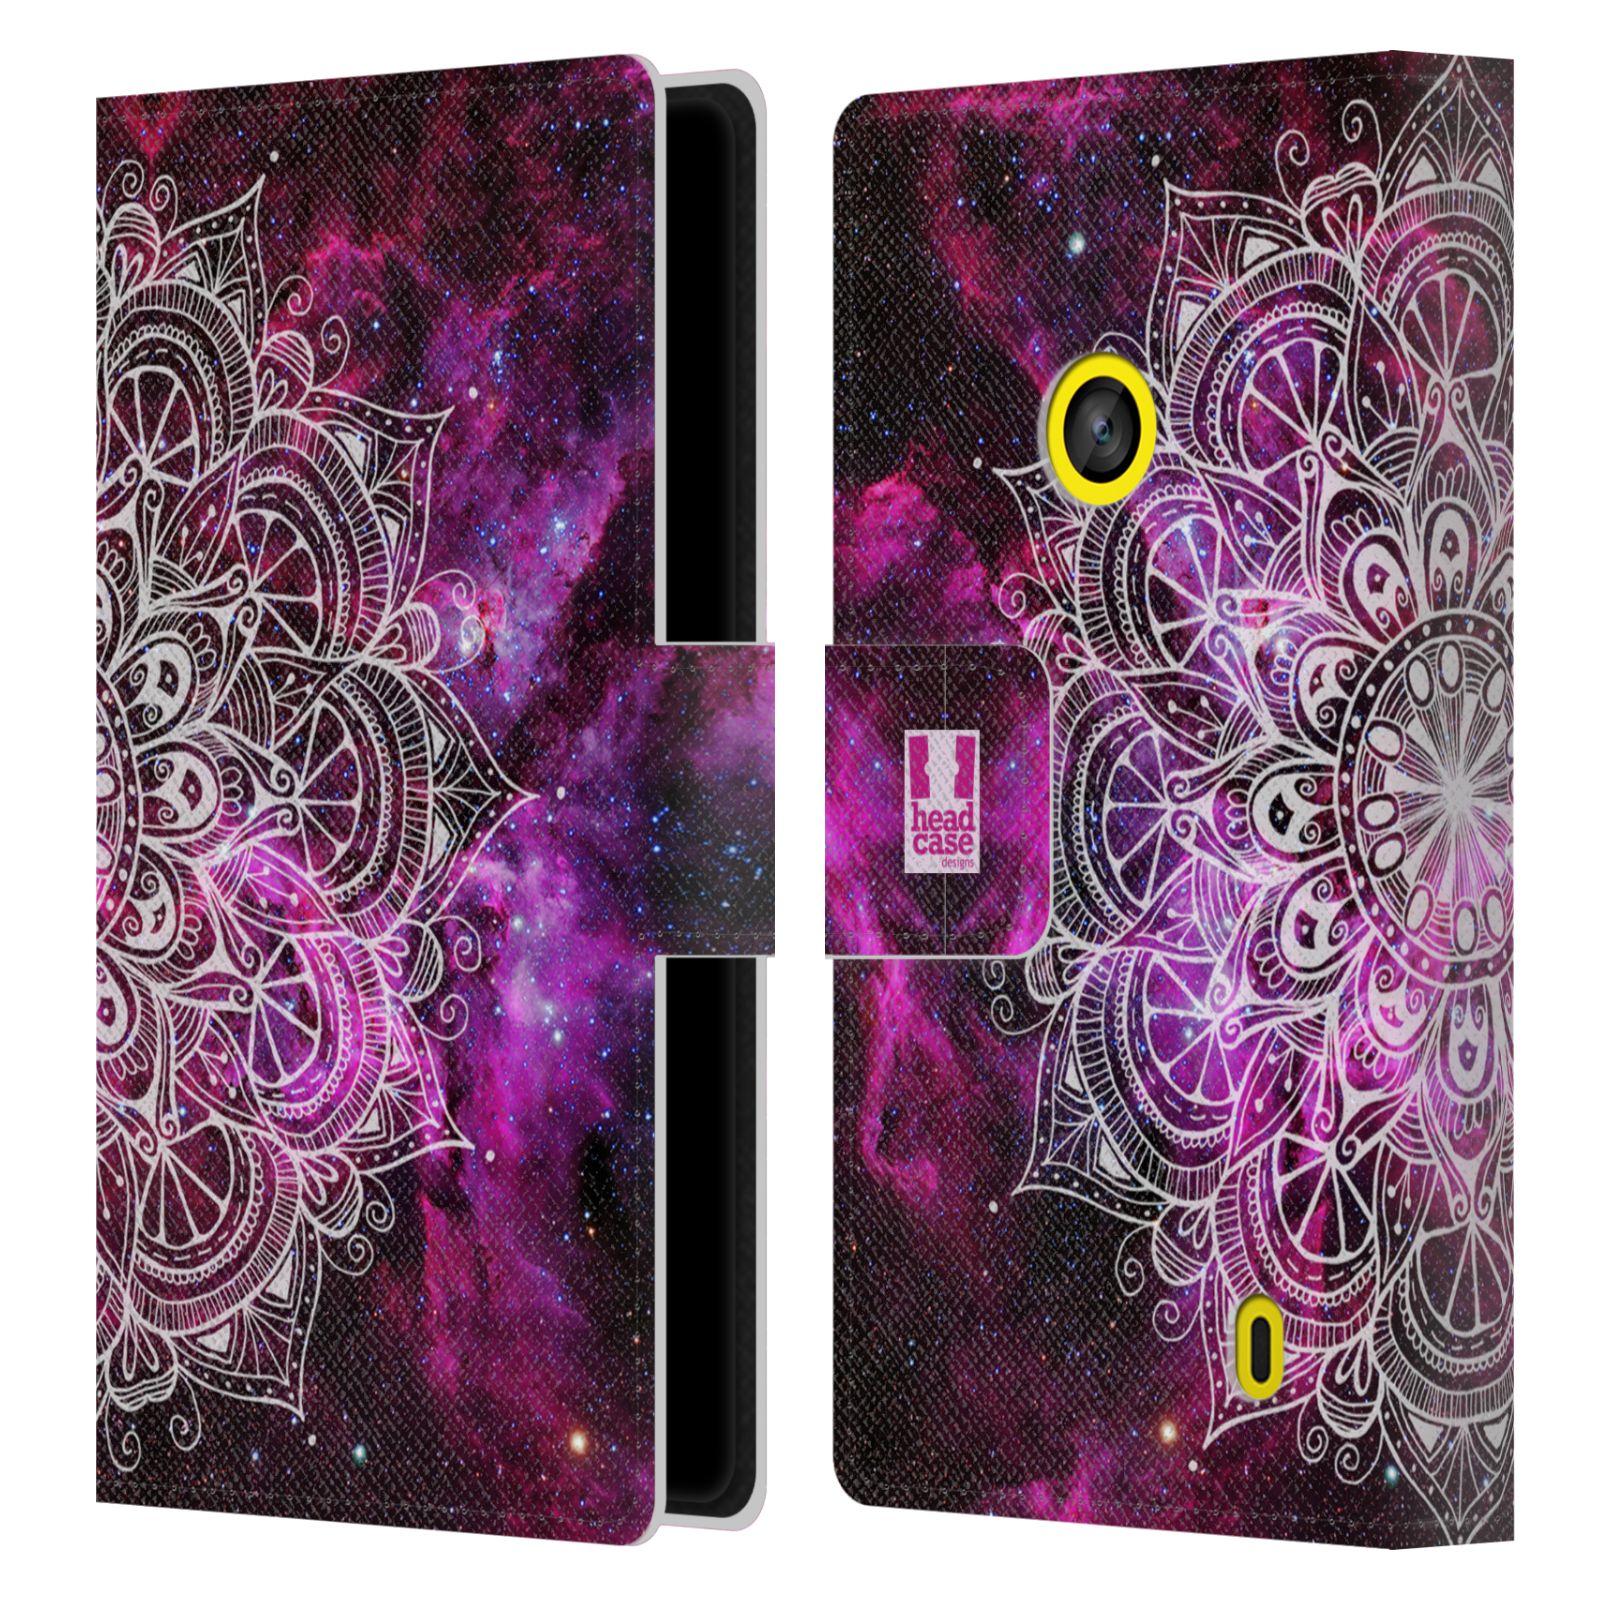 HEAD CASE Flipové pouzdro pro mobil NOKIA LUMIA 520 / 525 mandala kreslená fialová vesmír